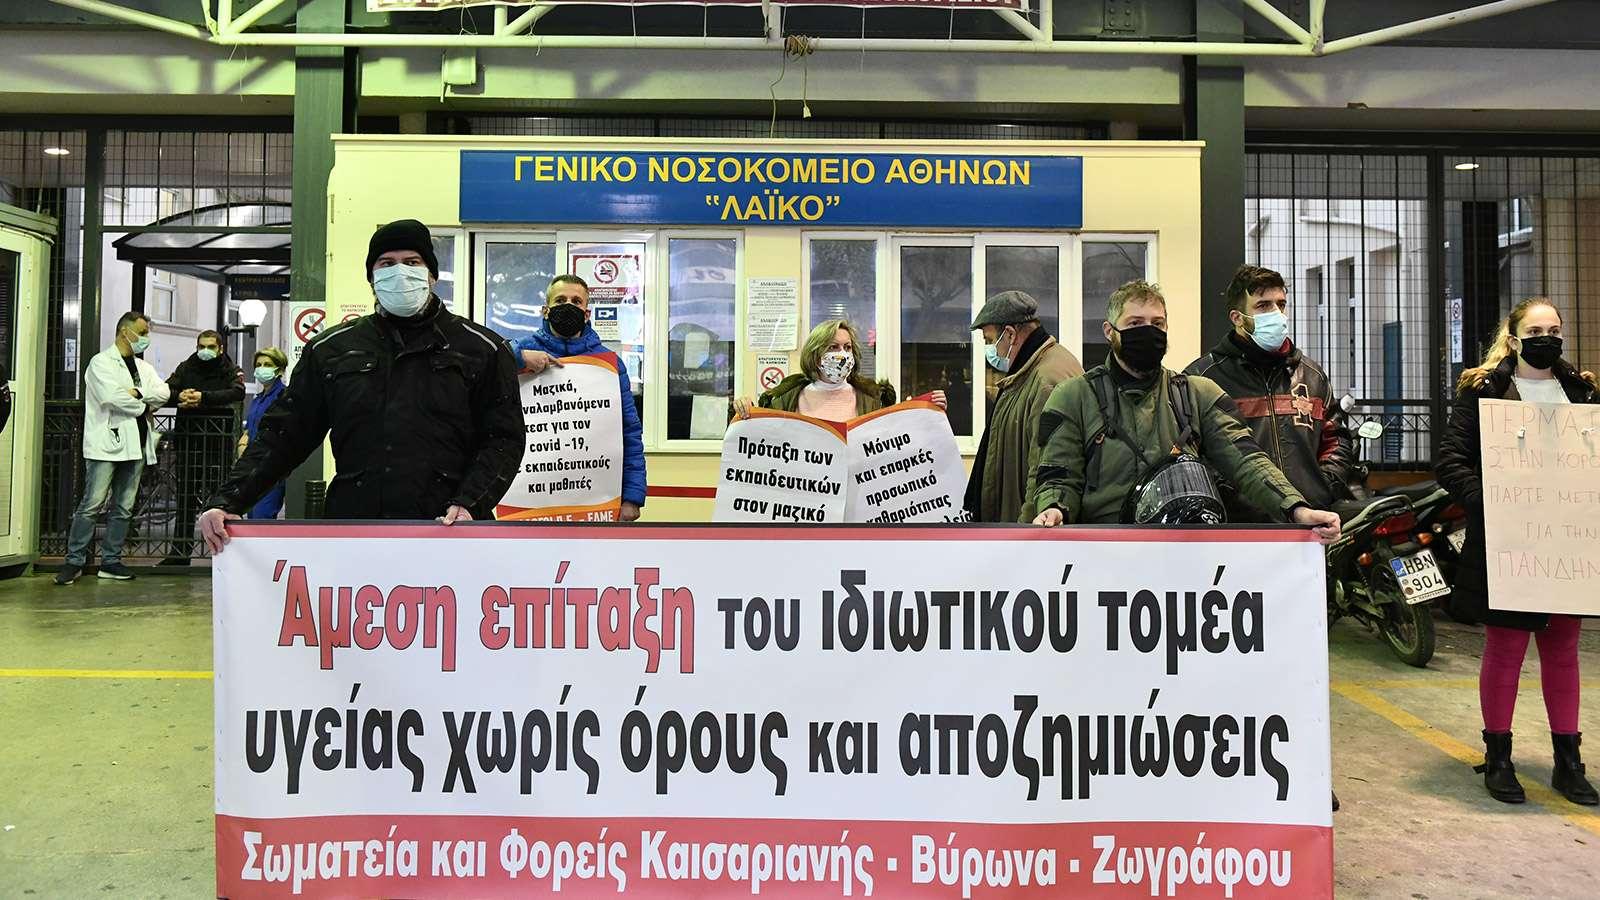 Οι συγκεντρωμένοι έφτασαν στο «Λαϊκό» με πορεία που ξεκίνησε νωρίτερα από τη συμβολή των οδών Ούλωφ Πάλμε και Παπάγου στου Ζωγράφου